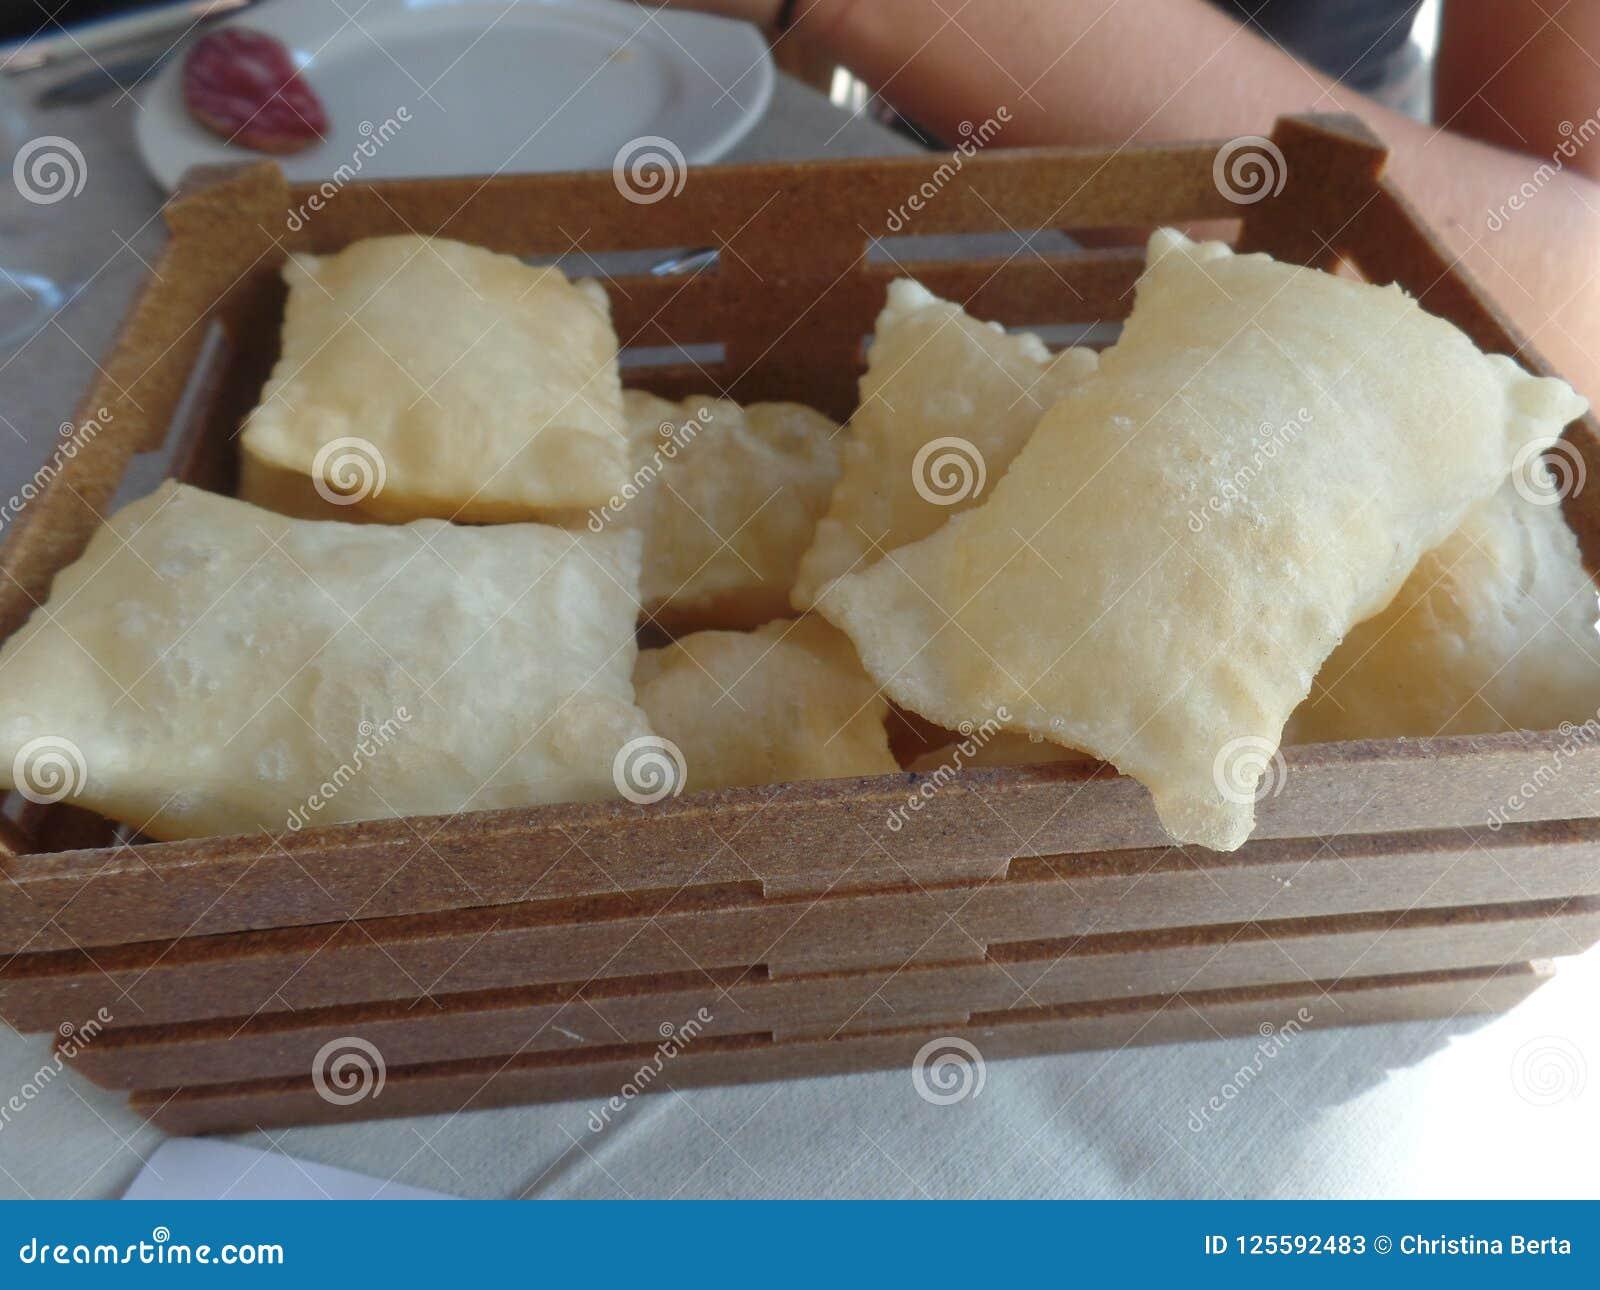 Gebraden brood, een typische schotel van het Emilia Romagna-gebied van Italië